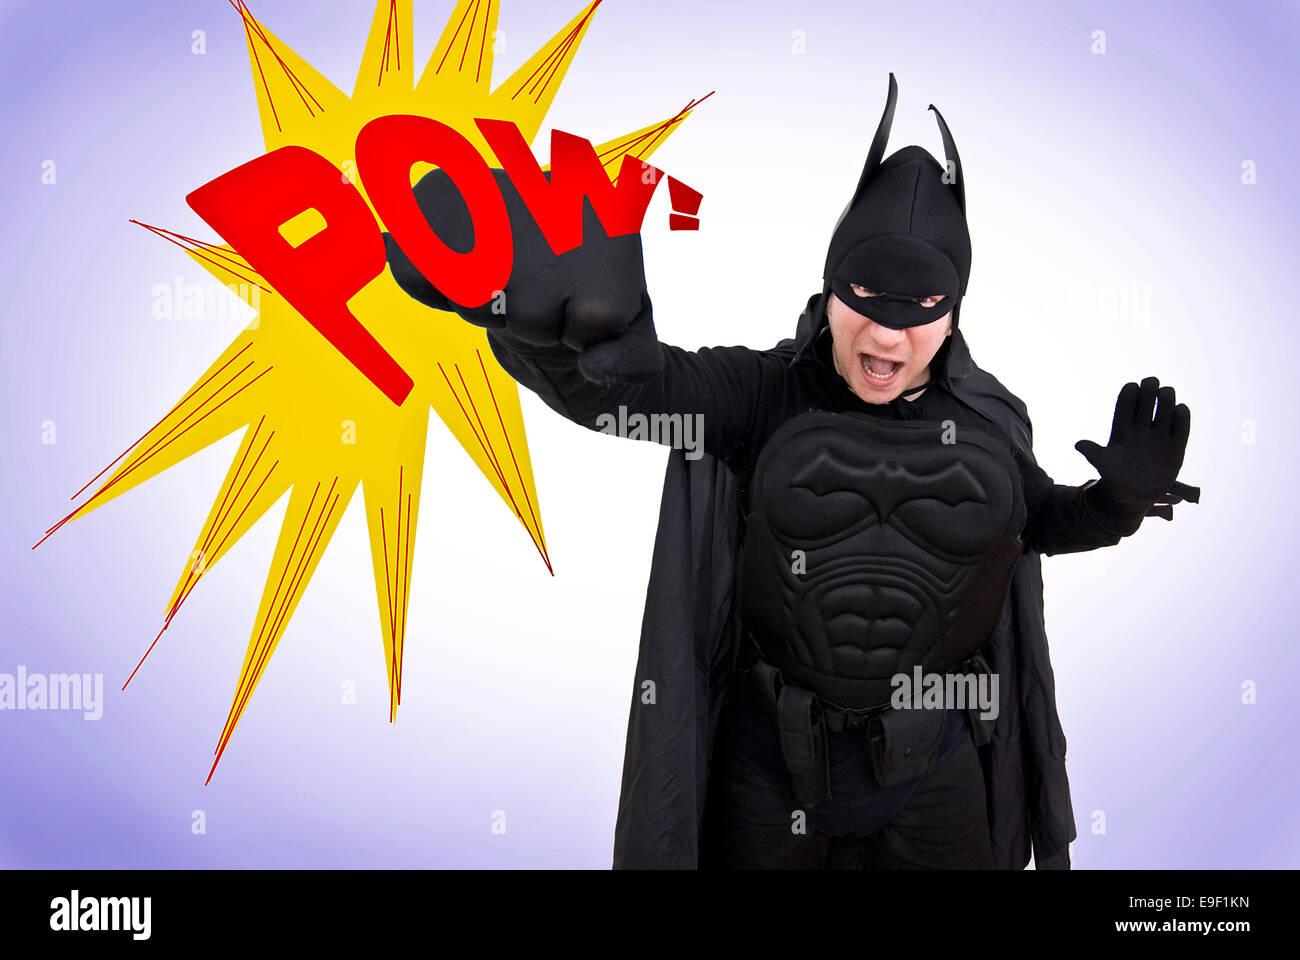 Bambino Cavaliere Oscuro Sorge Batman Costume Classico Per Festa in Costume